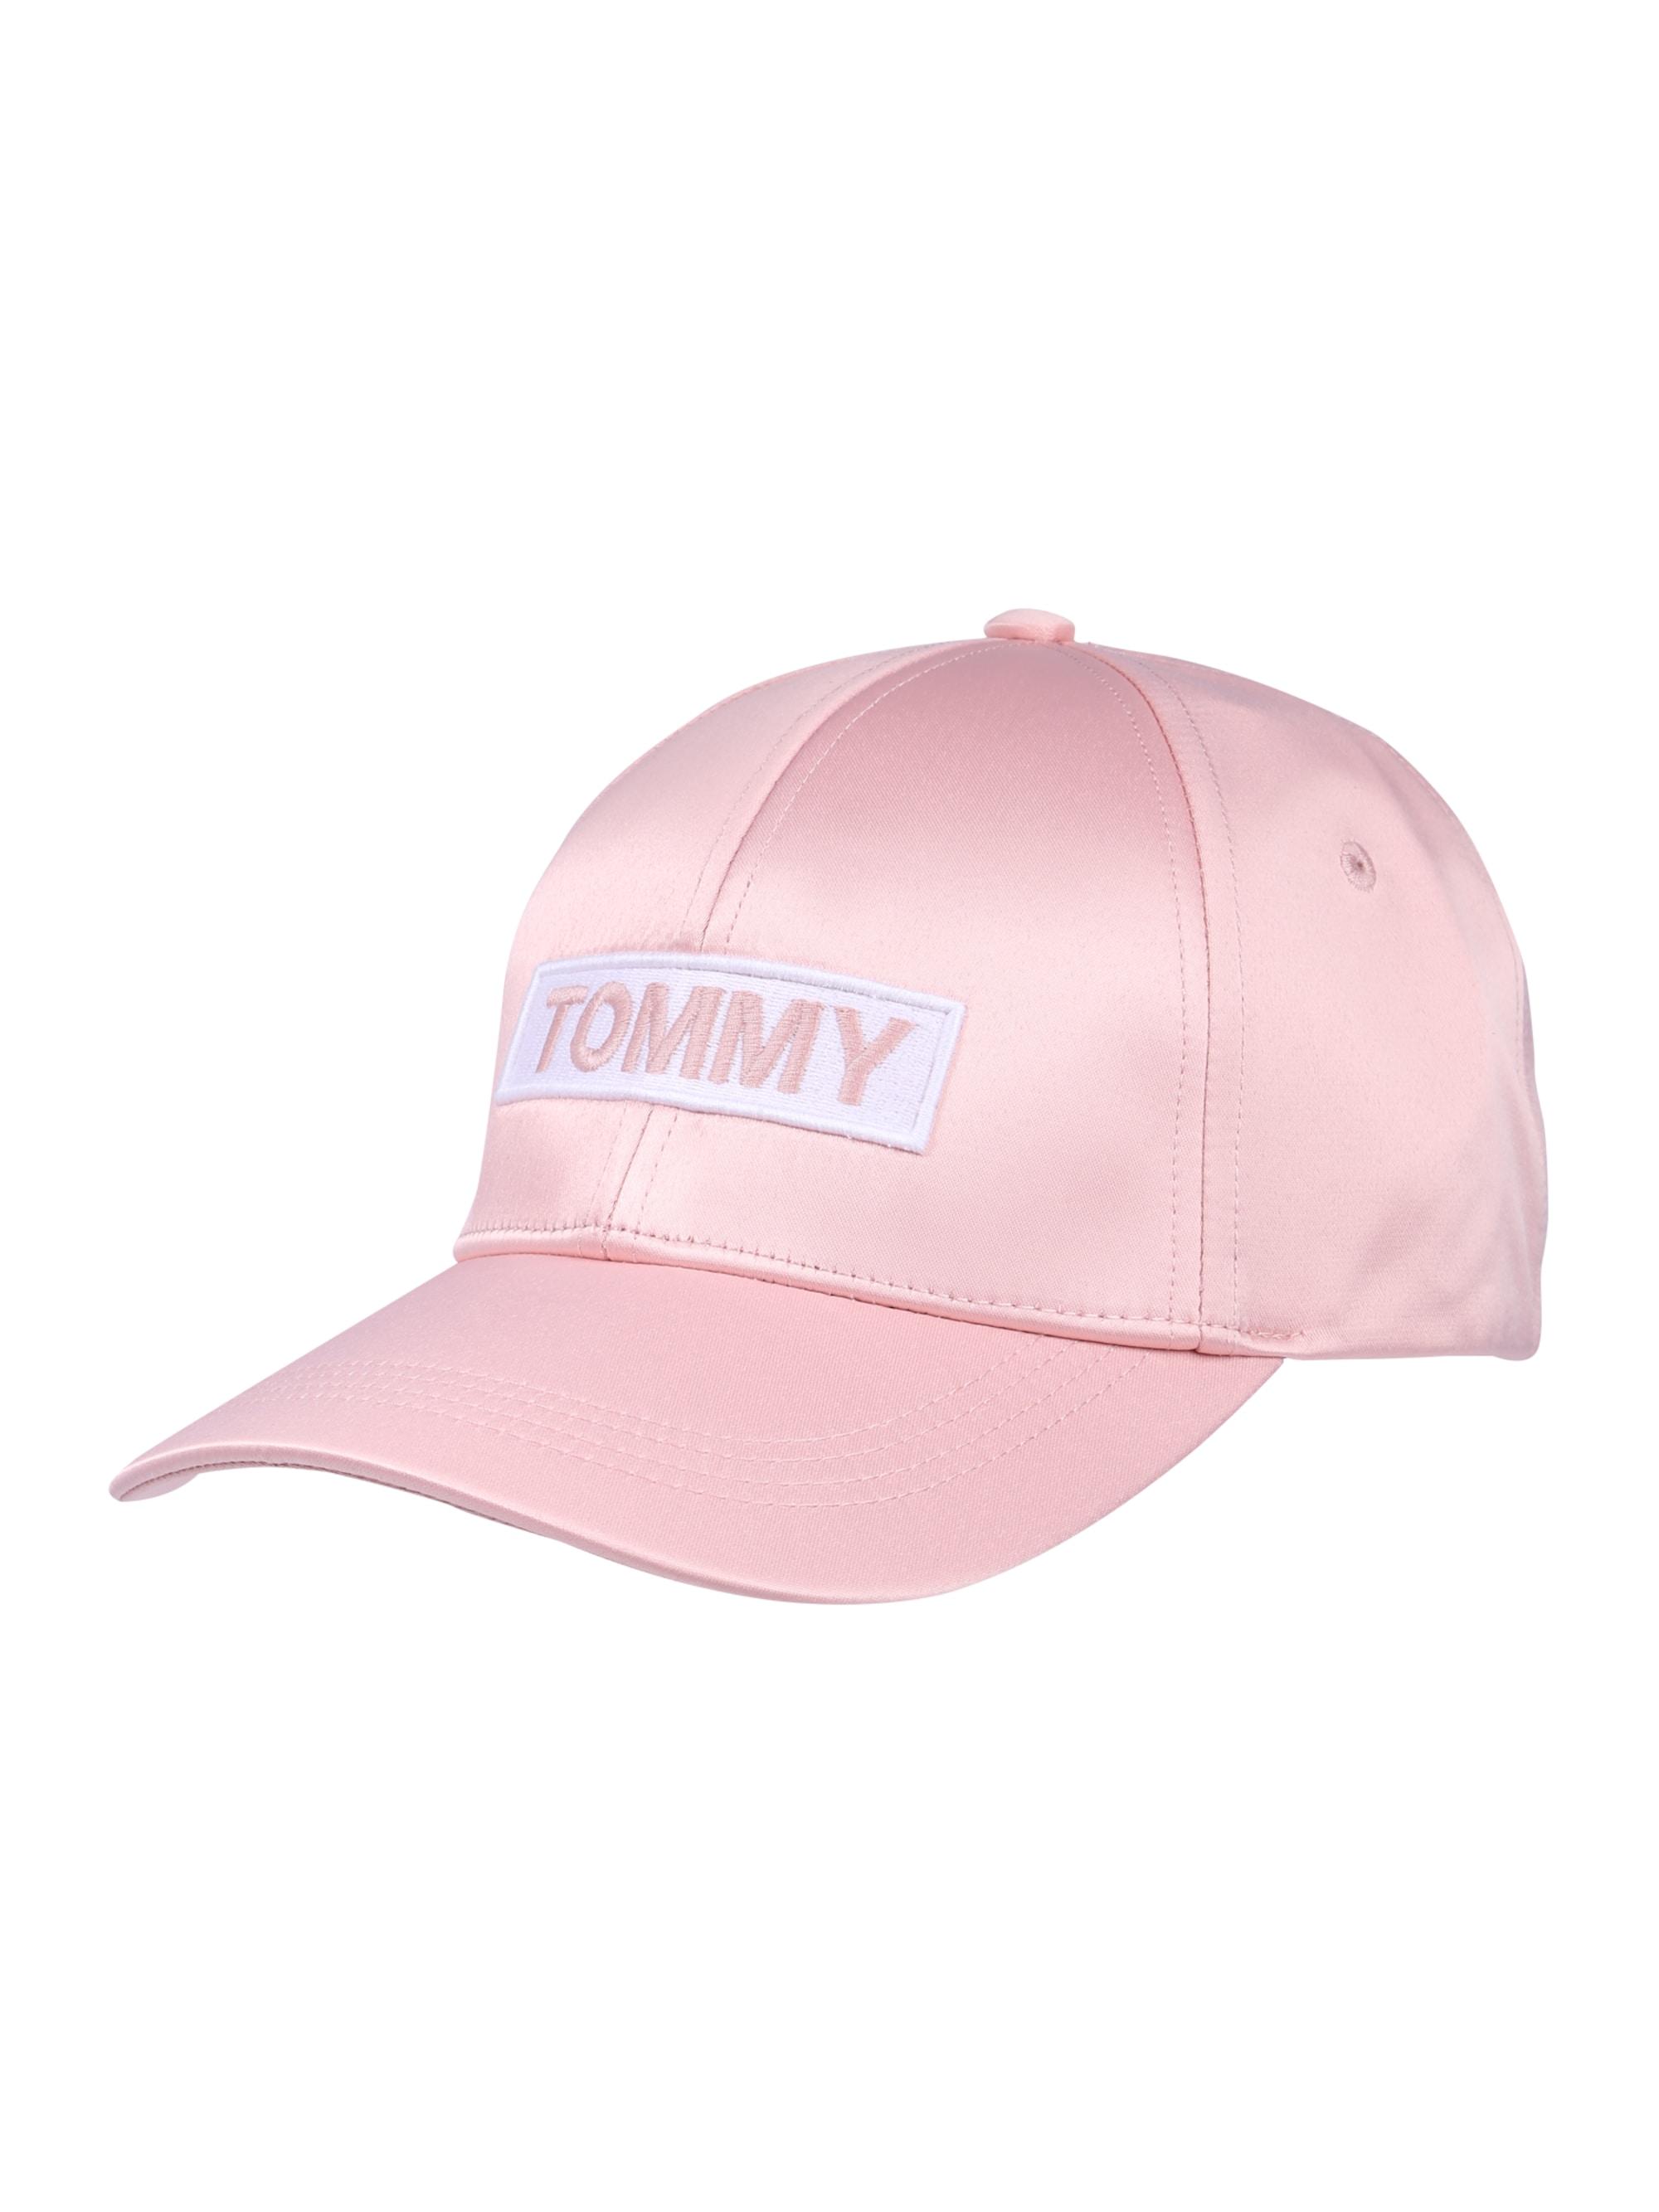 tommy jeans - Cap aus Satin